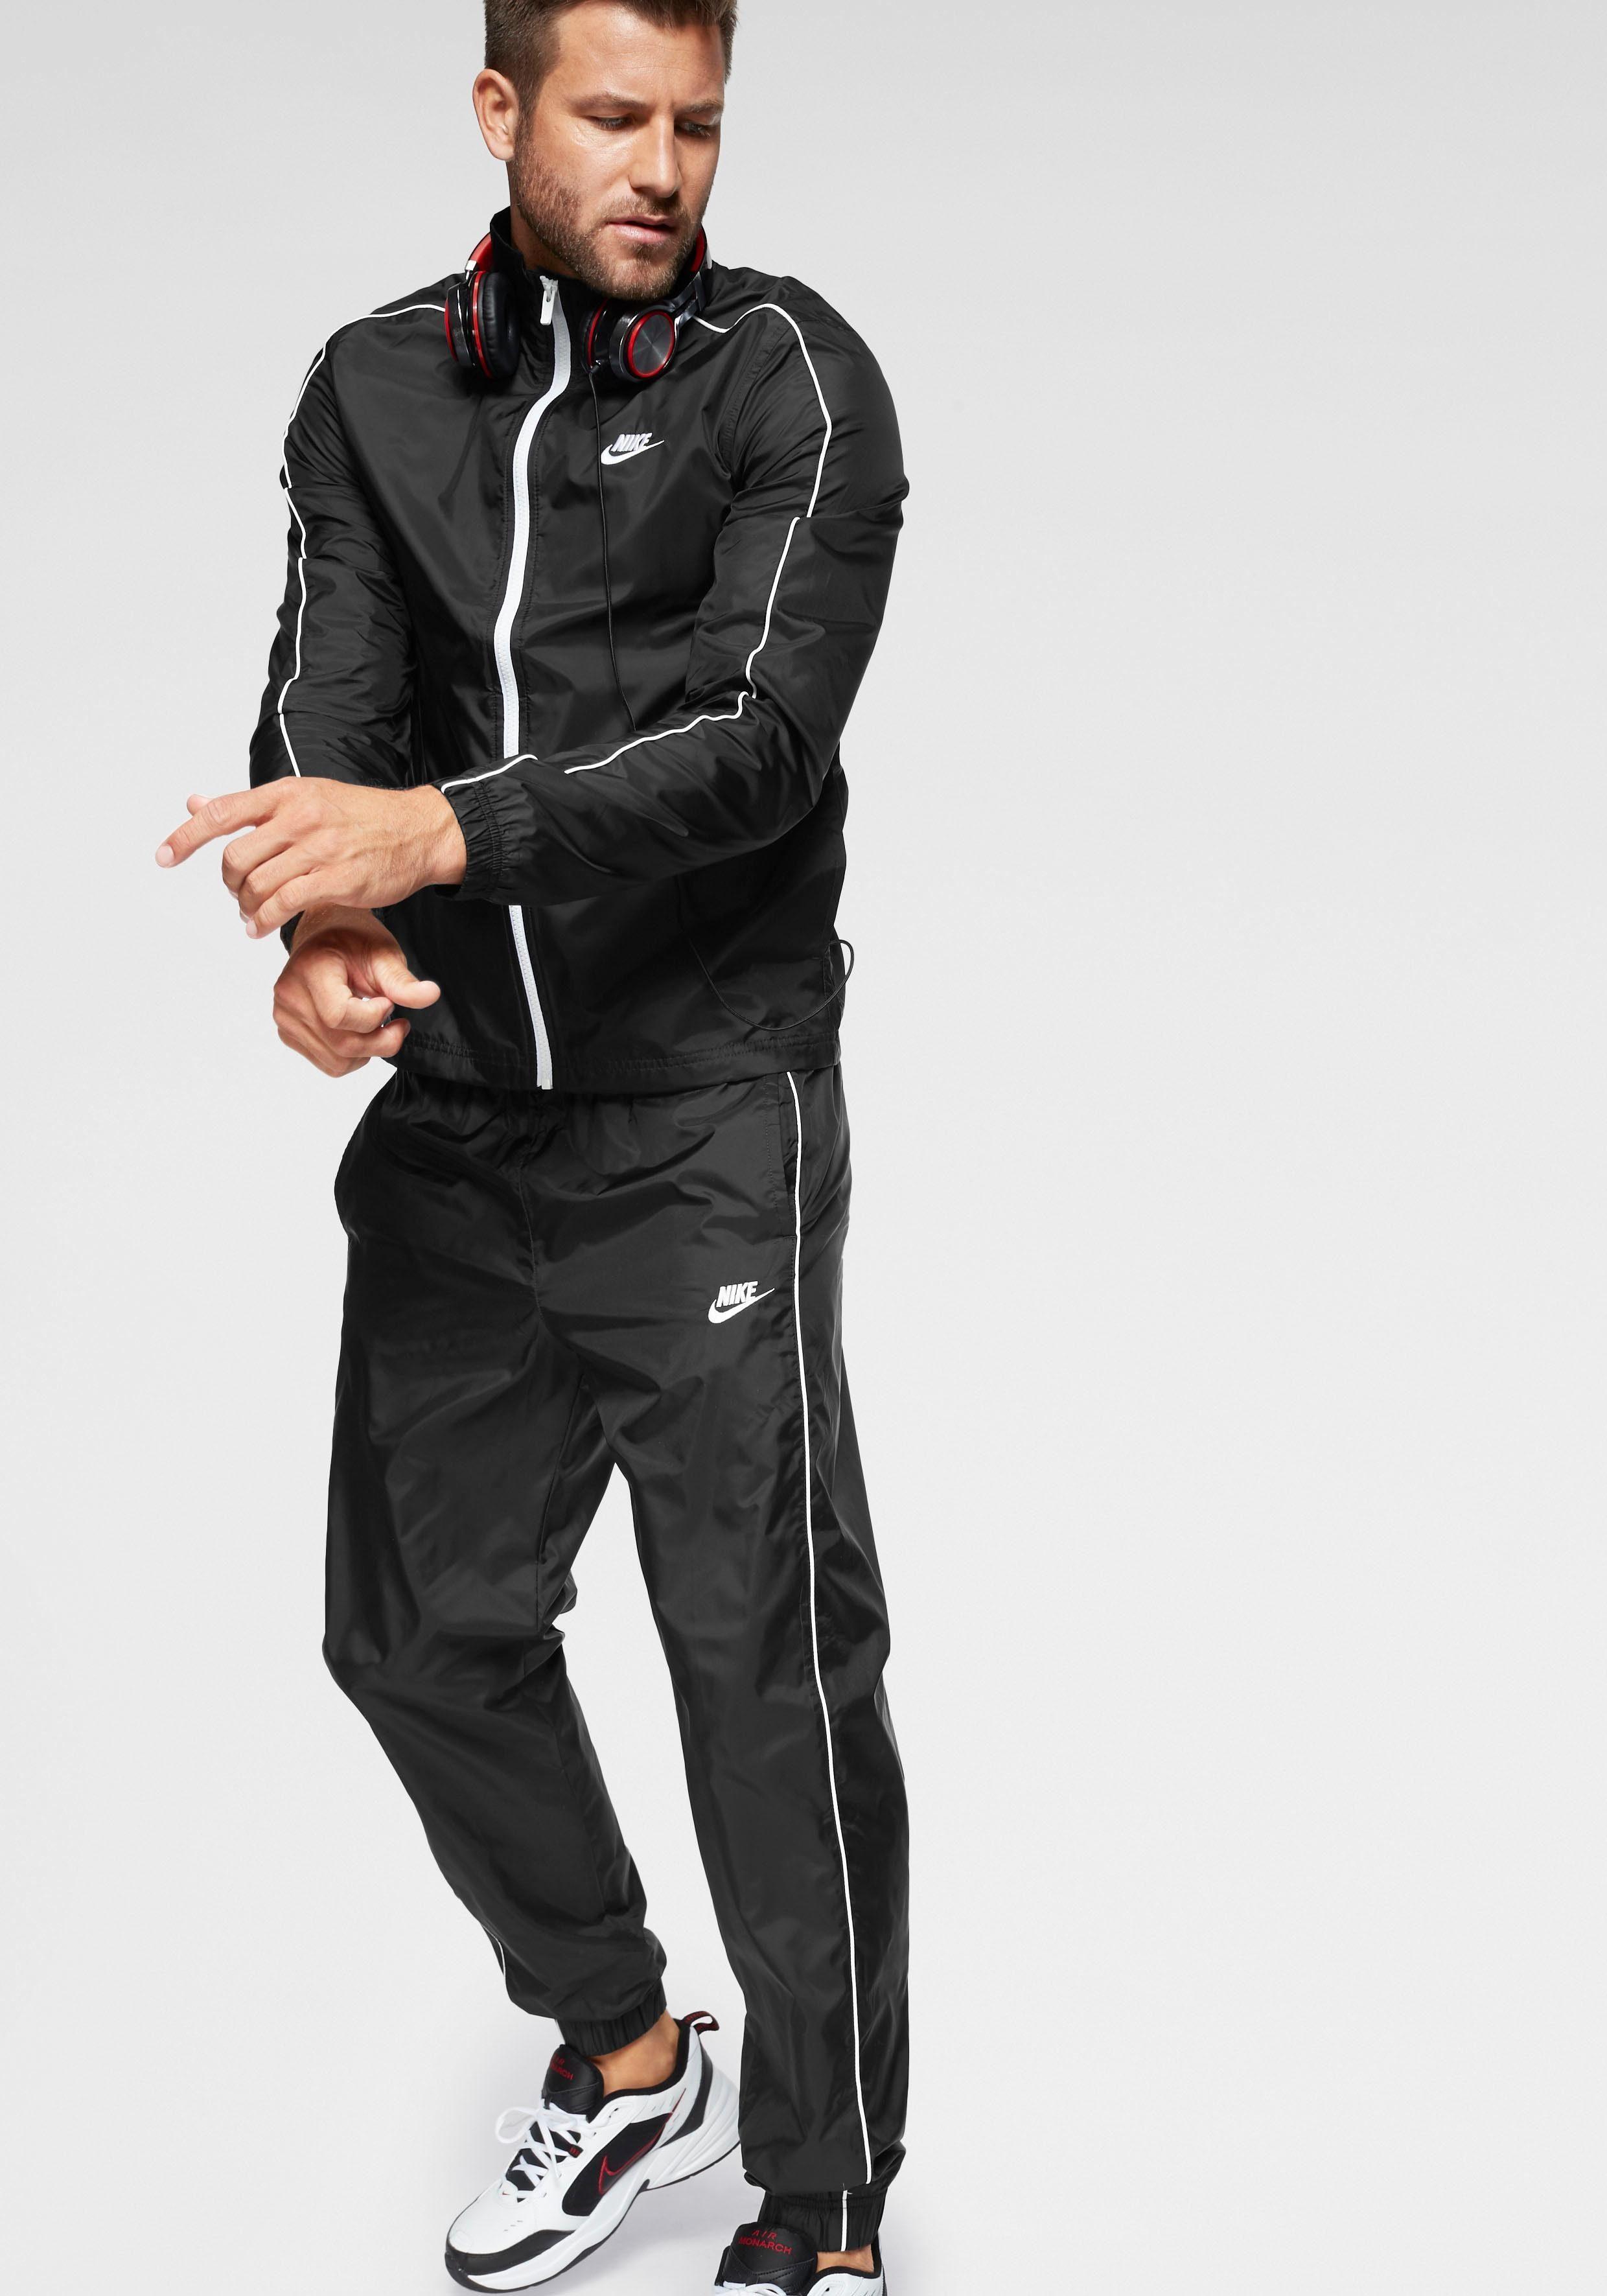 beste Auswahl an meistverkauft Details für Nike Sportswear Trainingsanzug »M NSW CE TRK SUIT WVN BASIC« (Set, 2 tlg.)  online bestellen | BAUR